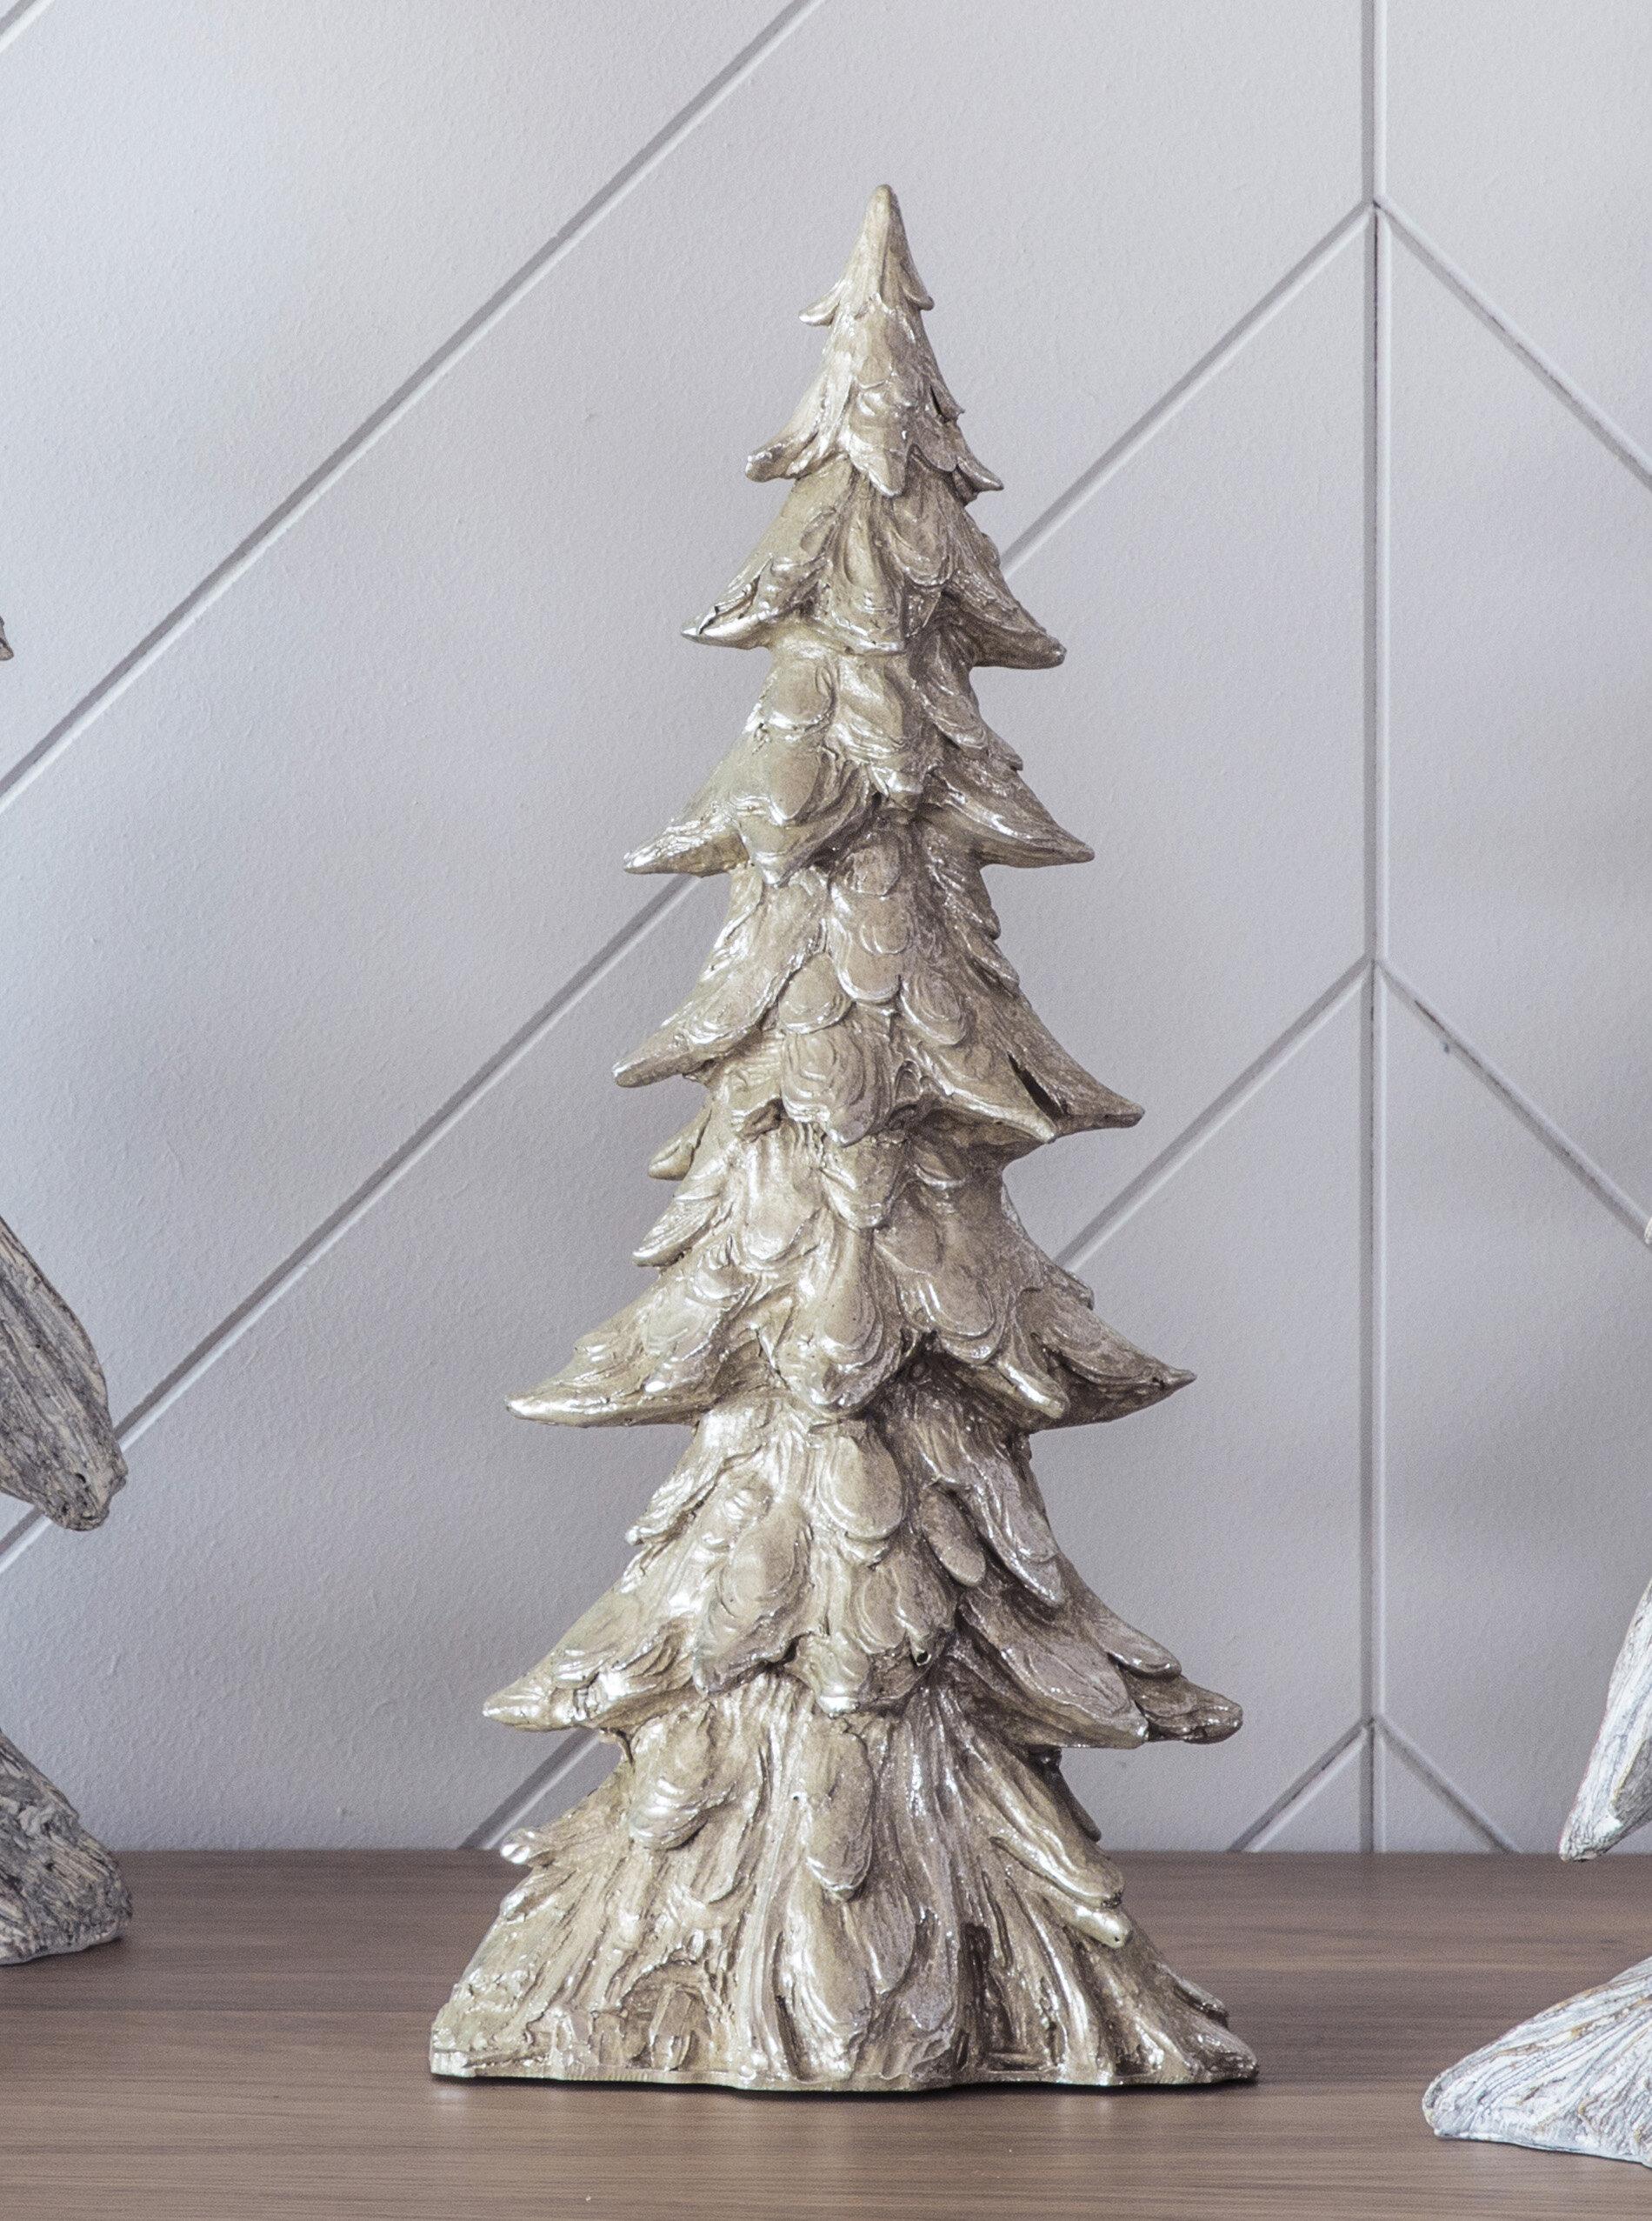 Künstlicher Weihnachtsbaum München Kaufen.Künstlicher Weihnachtsbaum